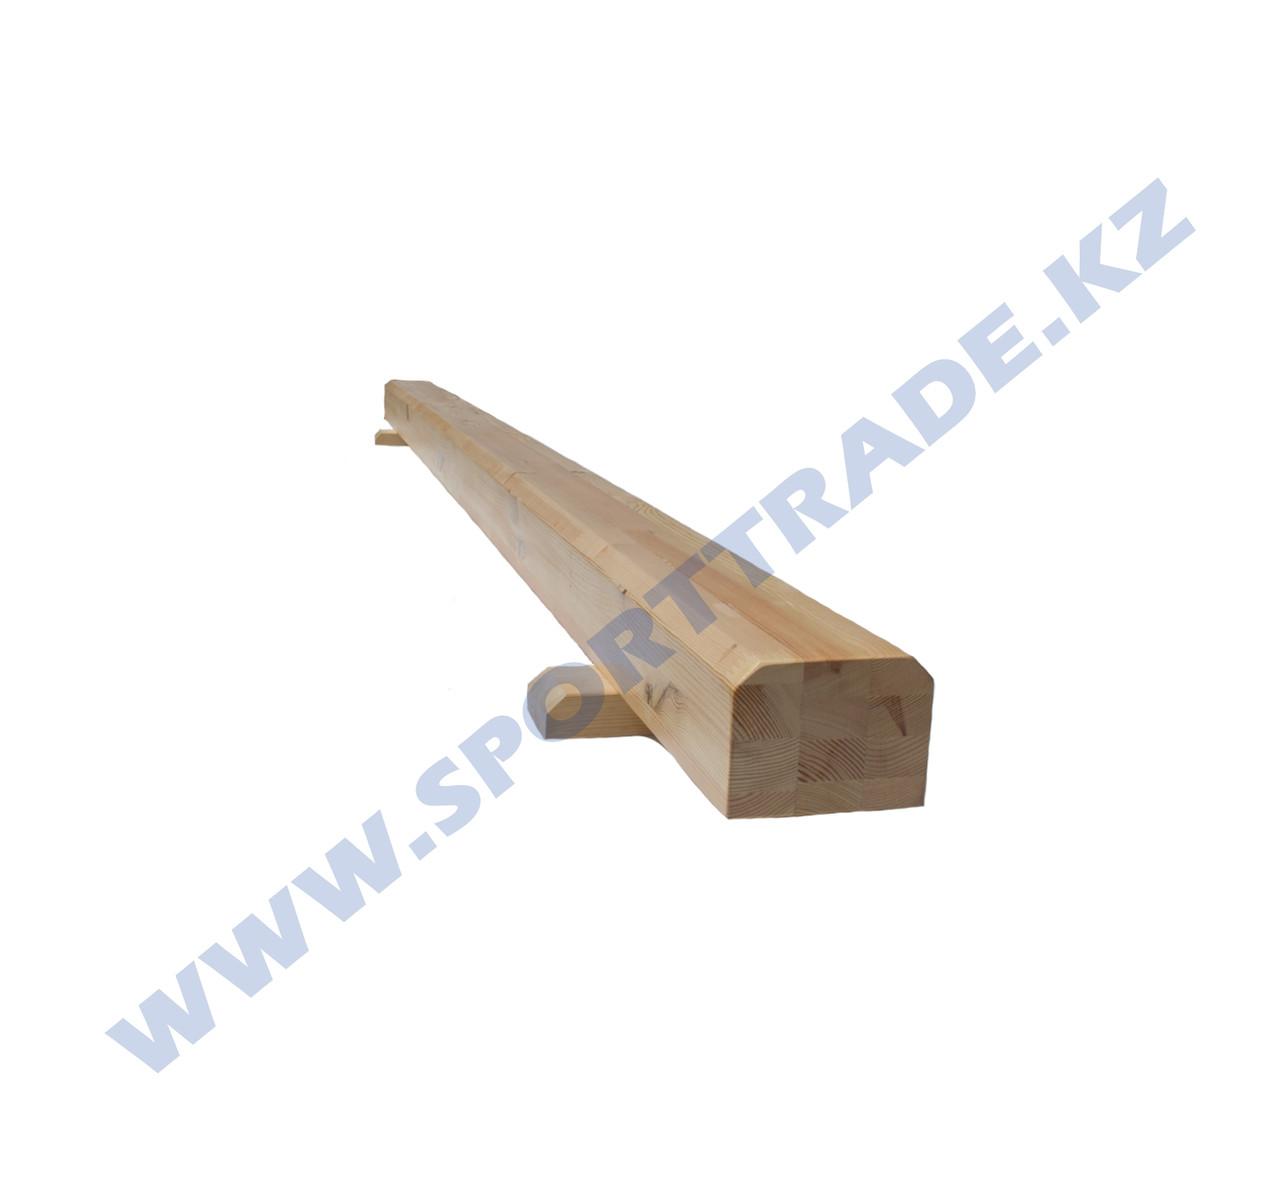 Бревно гимнастическое СТАНД-Т (13,5х16) напольное 3м - фото 2